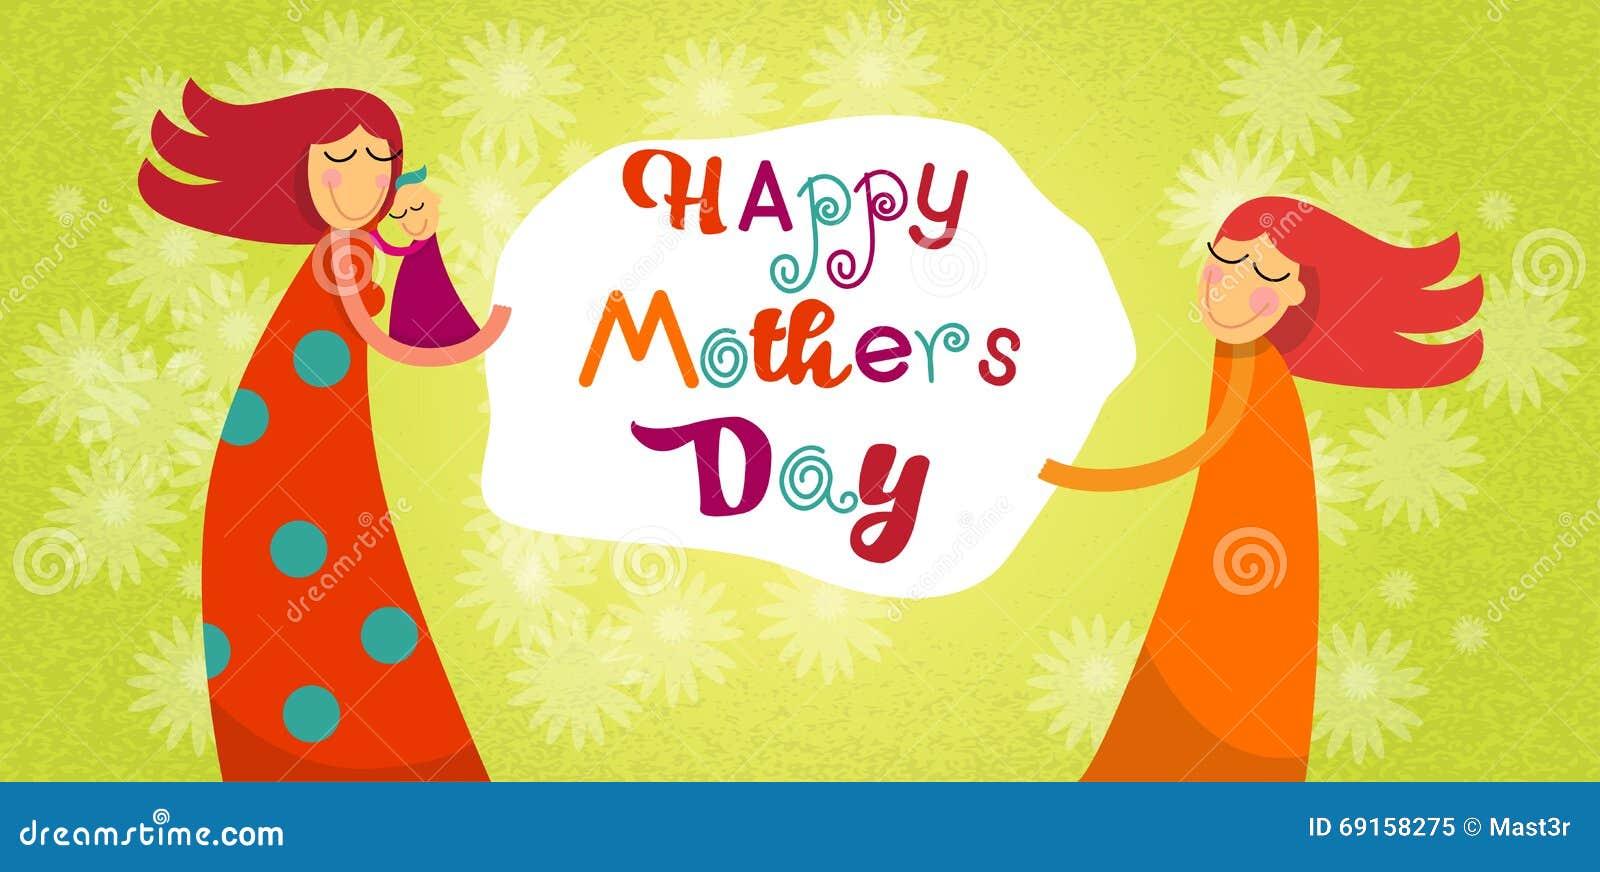 Filho Carinhoso Desejando Feliz Dia Das Mães: Abraço Feliz Do Filho Da Filha Das Crianças Da Família Do